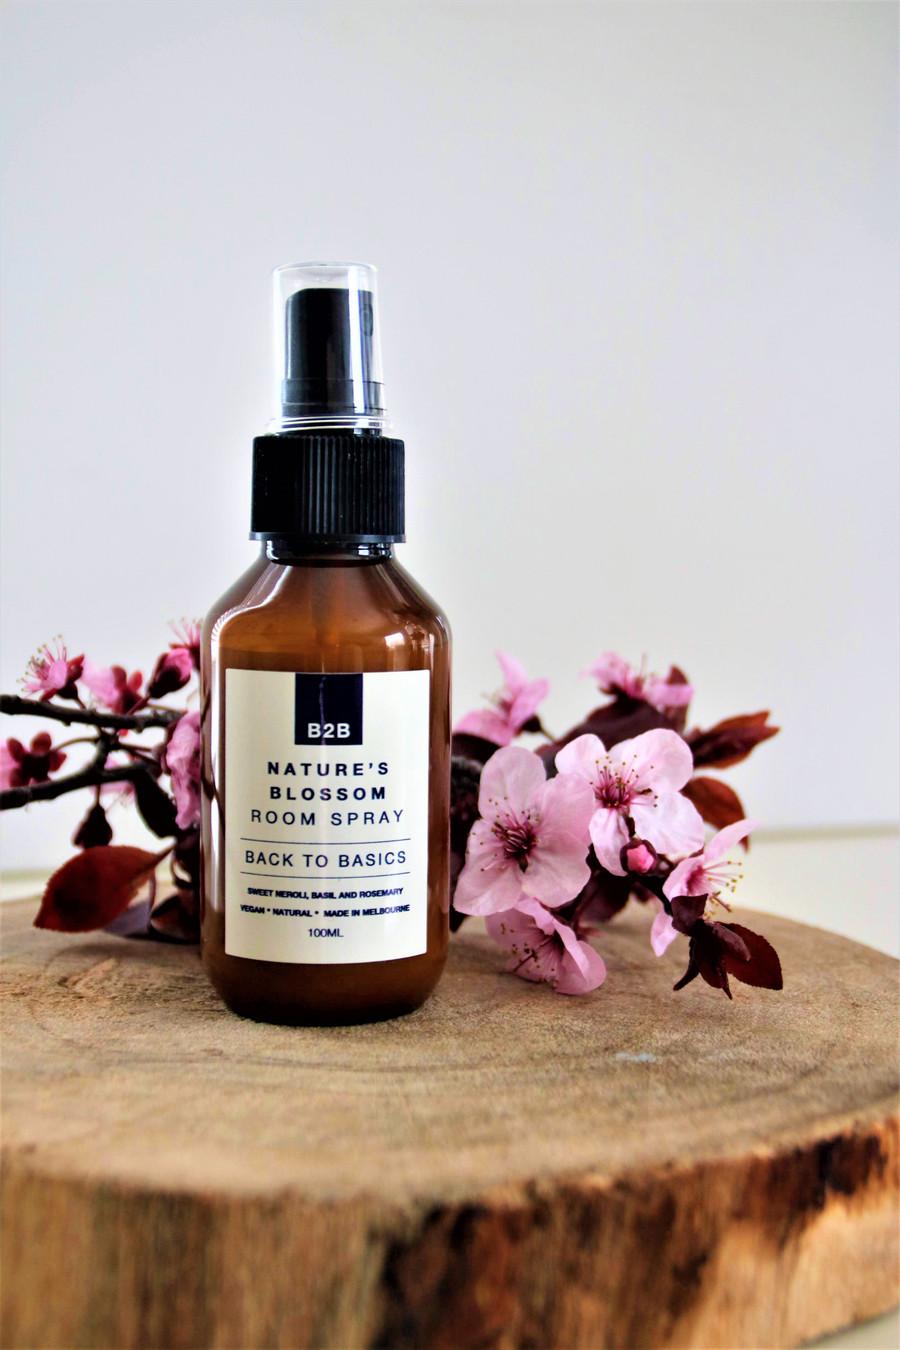 B2B Nature's Blossom Room Spray